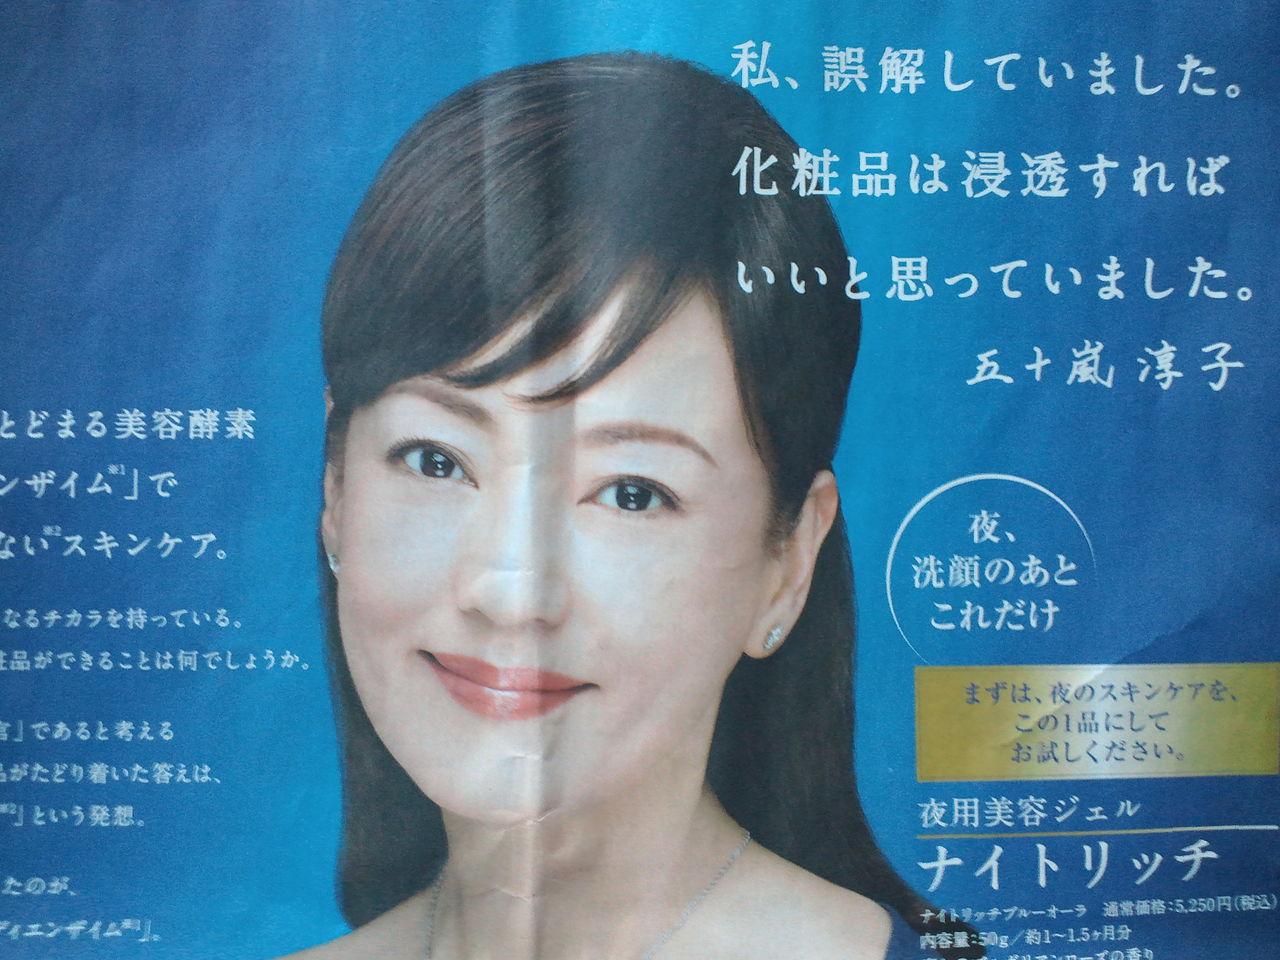 五十嵐淳子の画像 p1_11